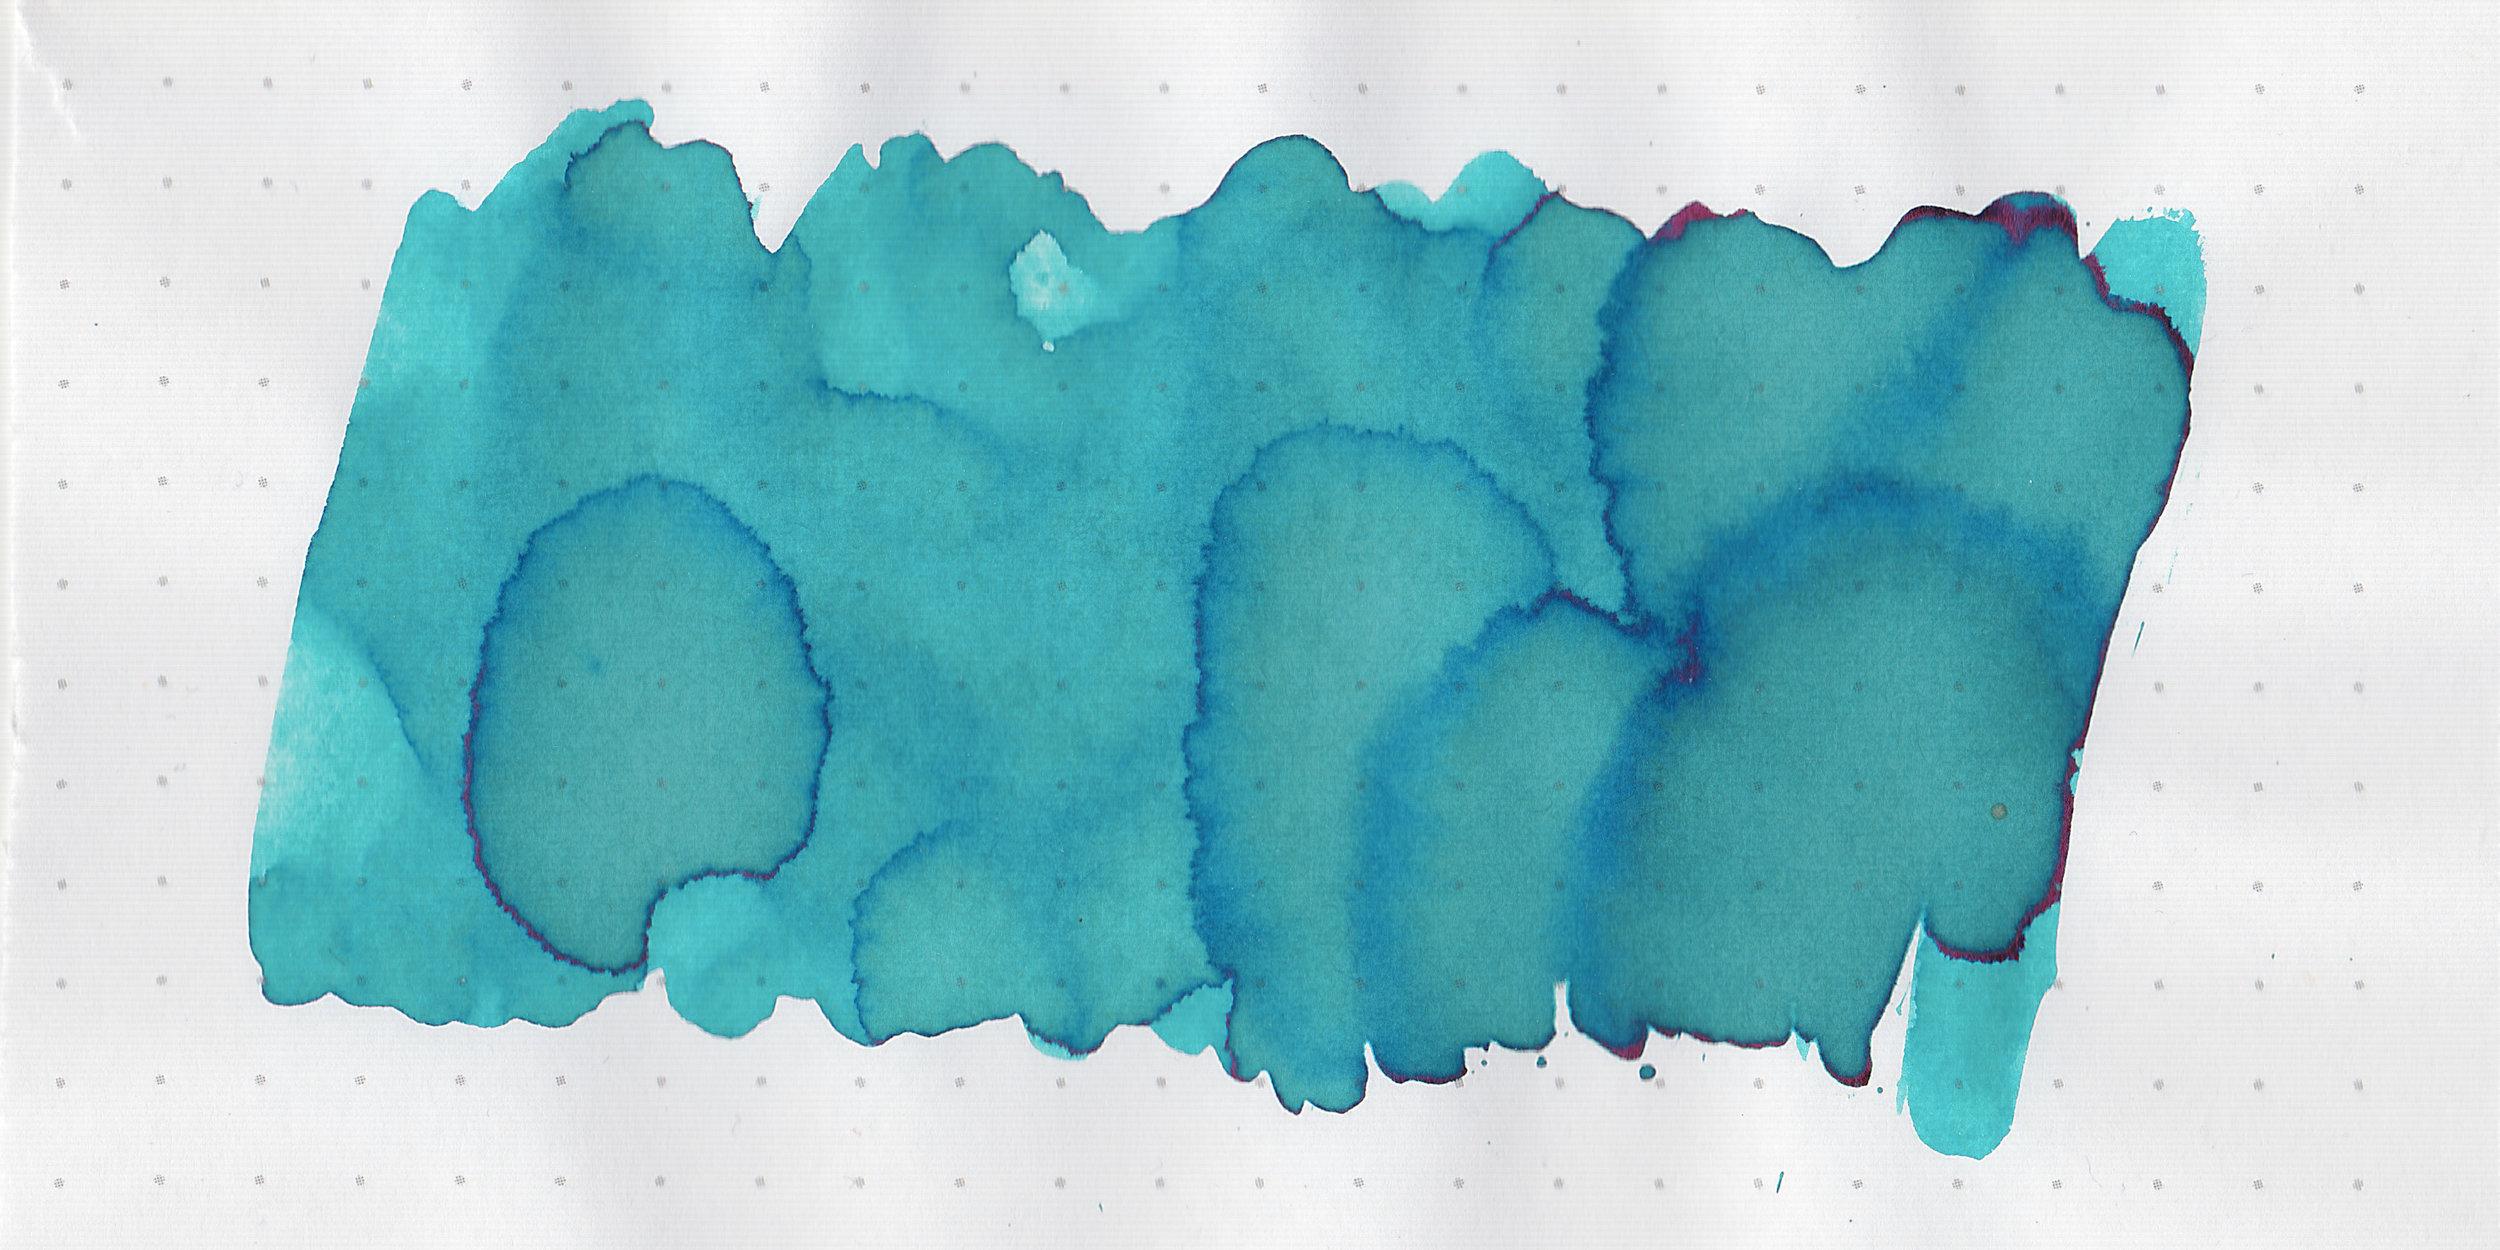 ro-pacific-ocean-teal-3.jpg